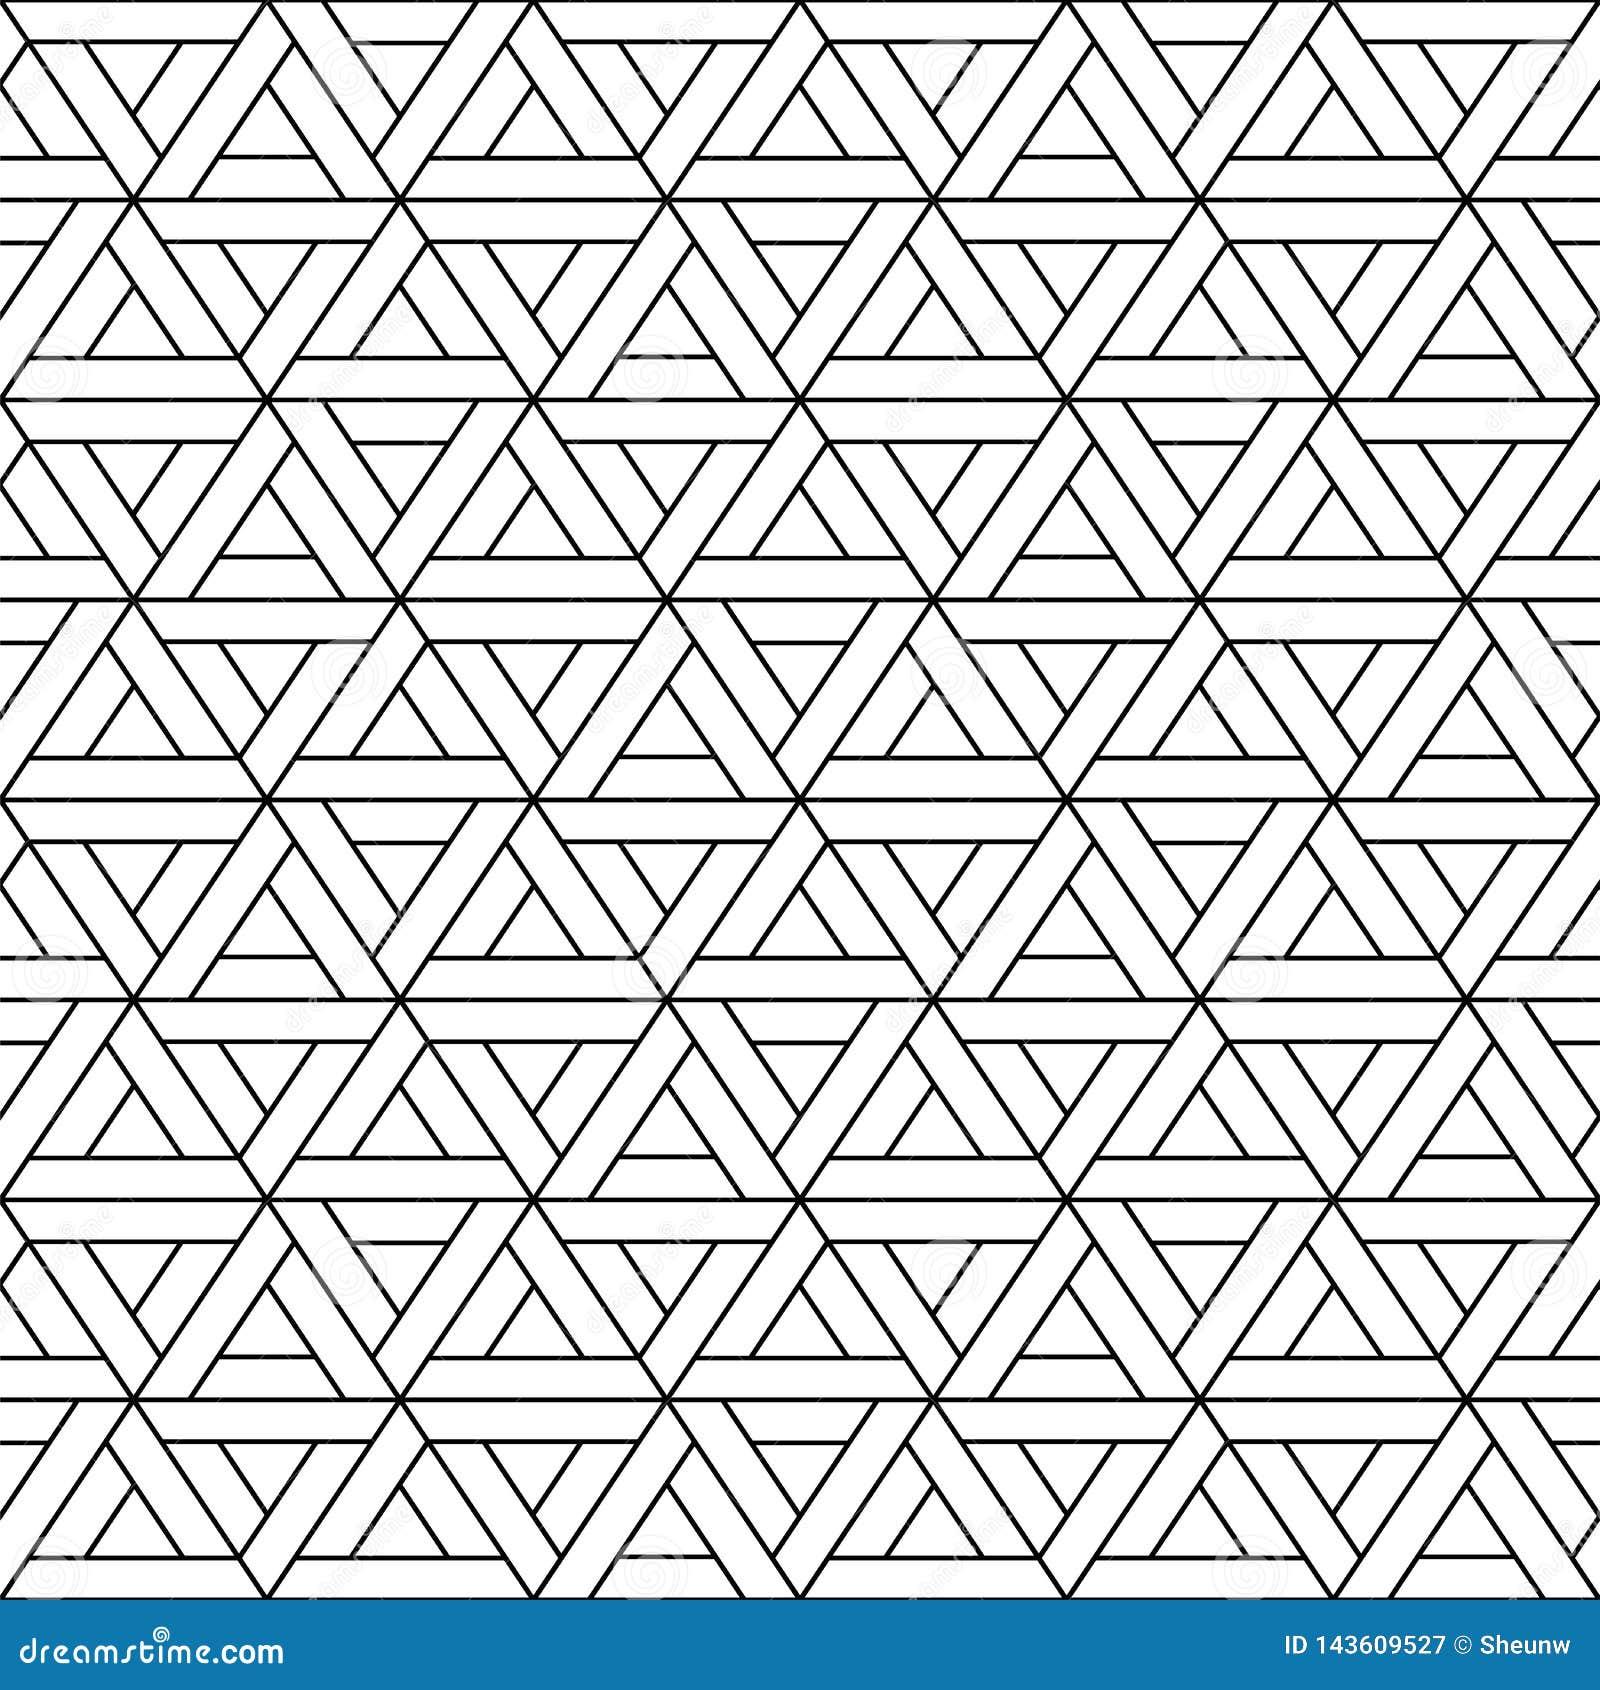 Modèle sans couture de triangle de vecteur - dessin géométrique Fond dernier cri abstrait Texture créative de grille